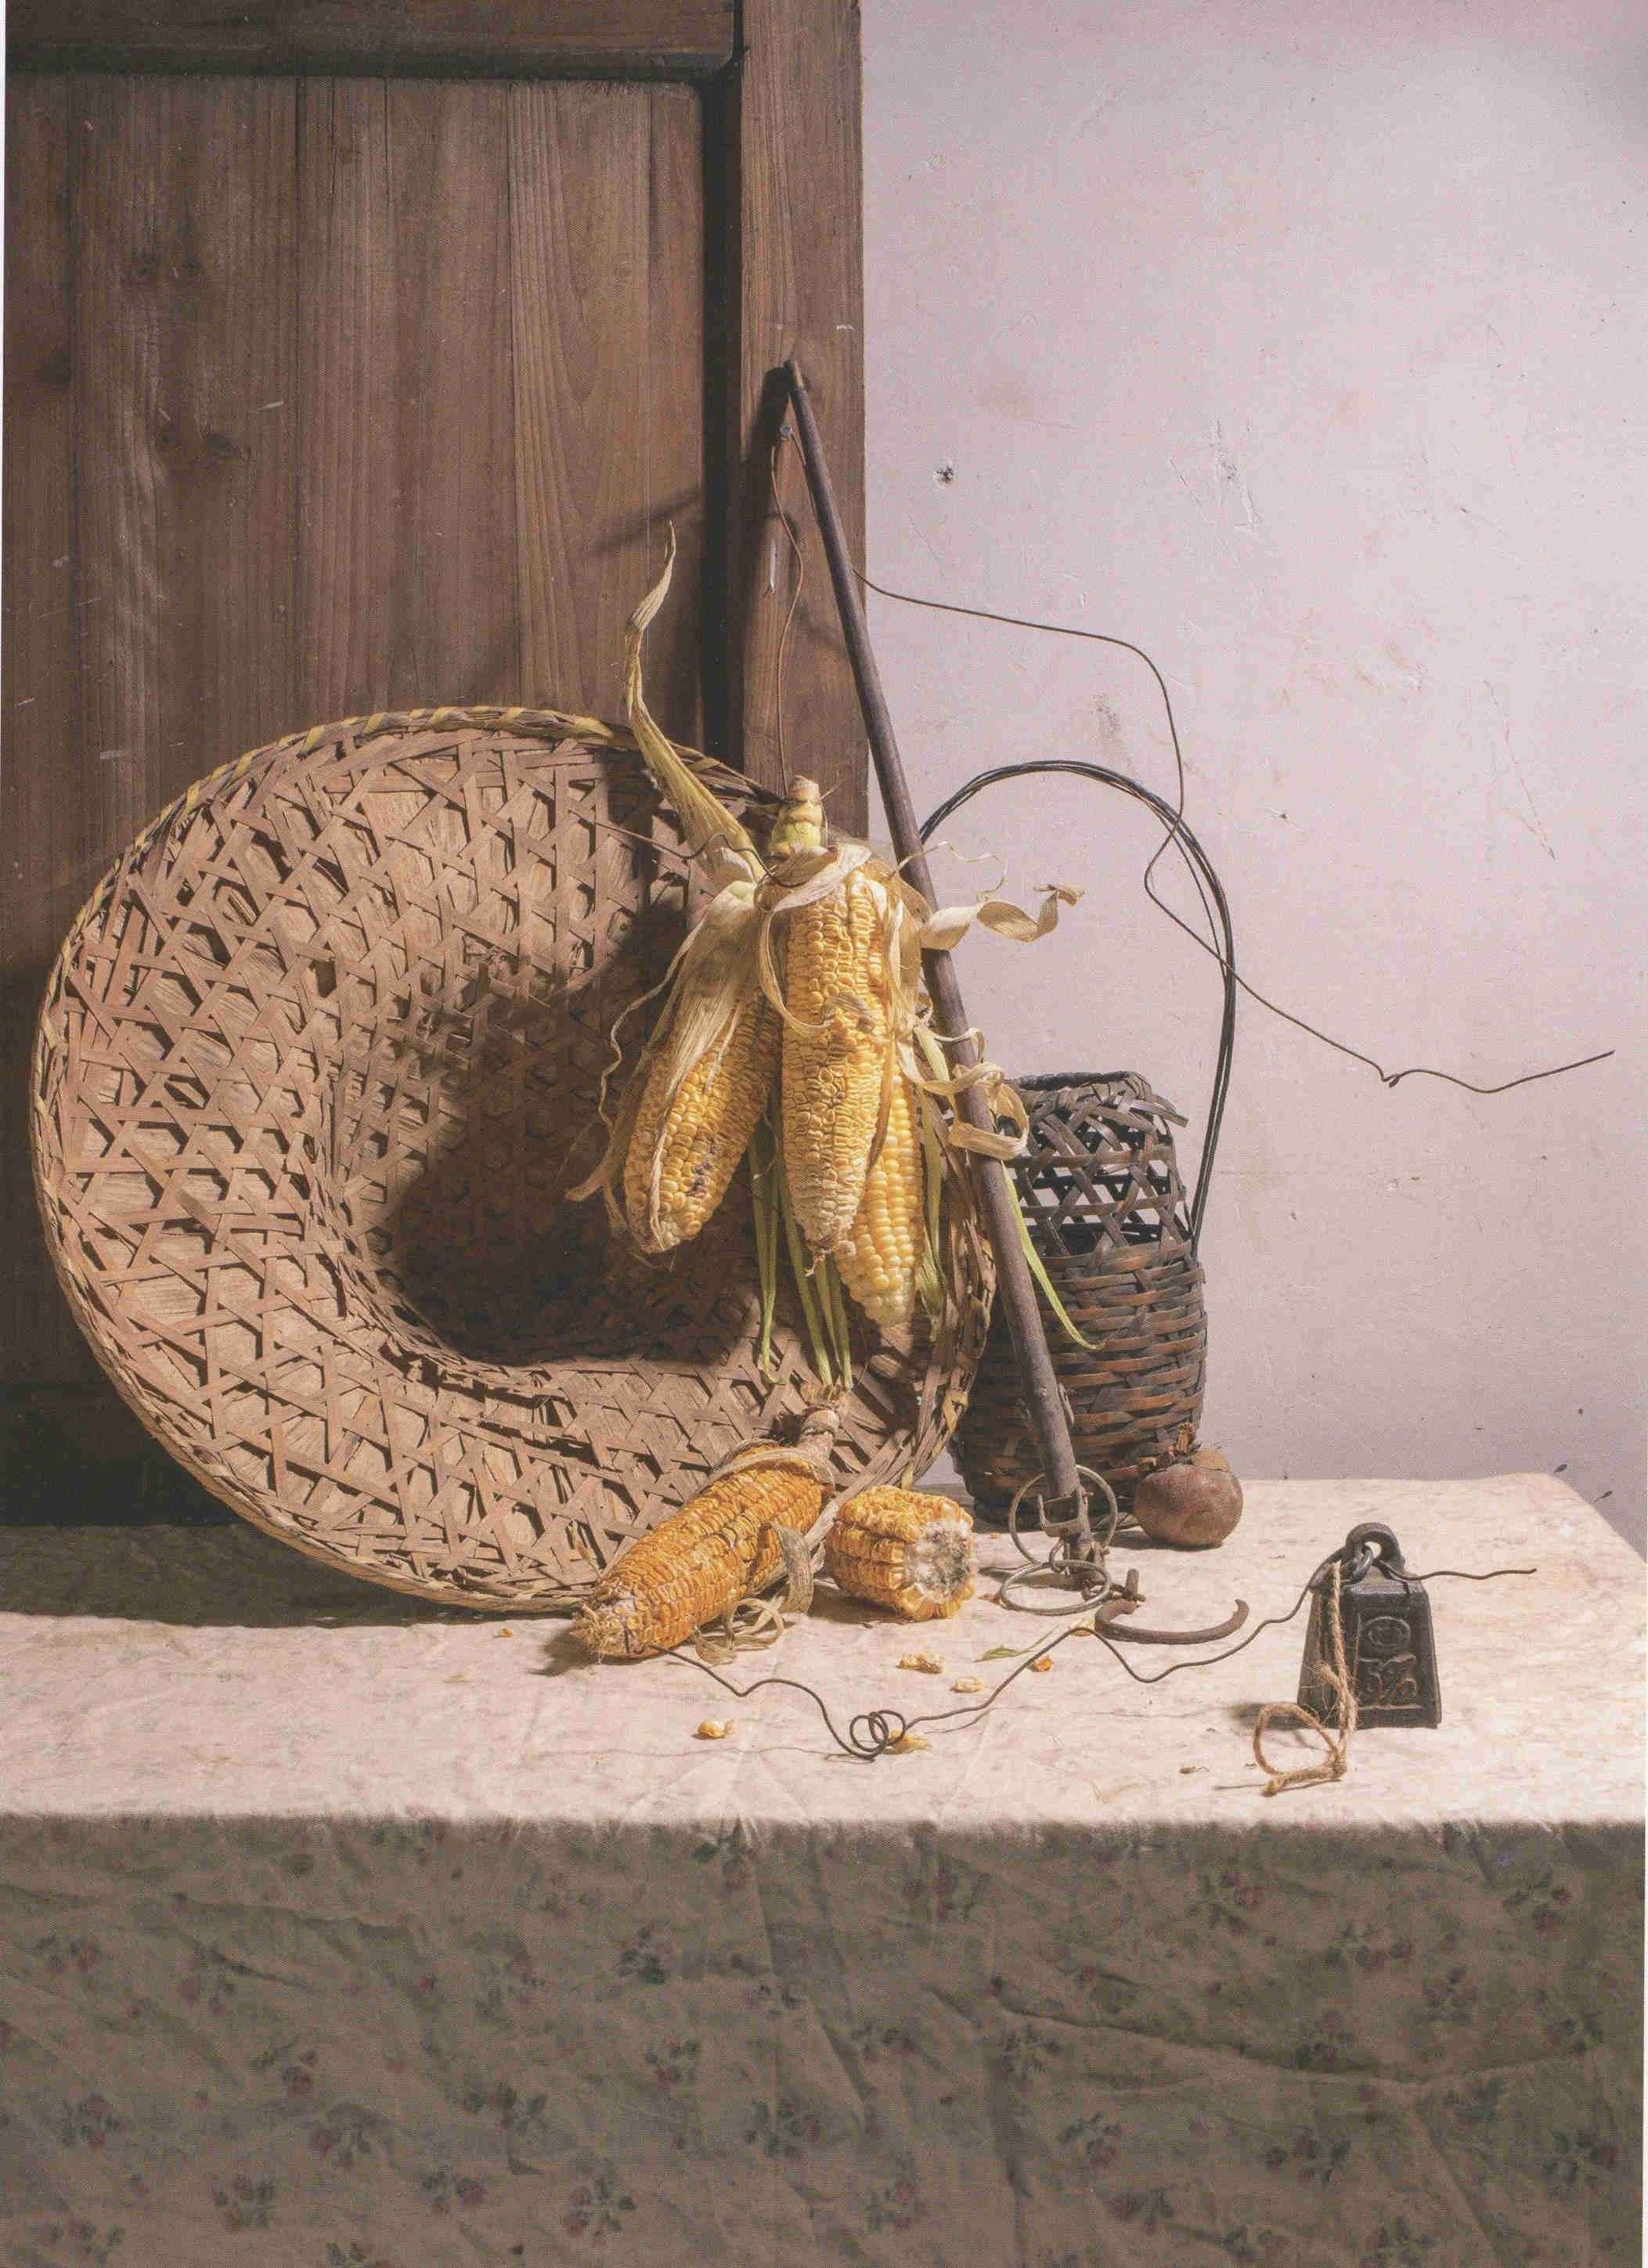 素描草帽、玉米组合图片道具 超清